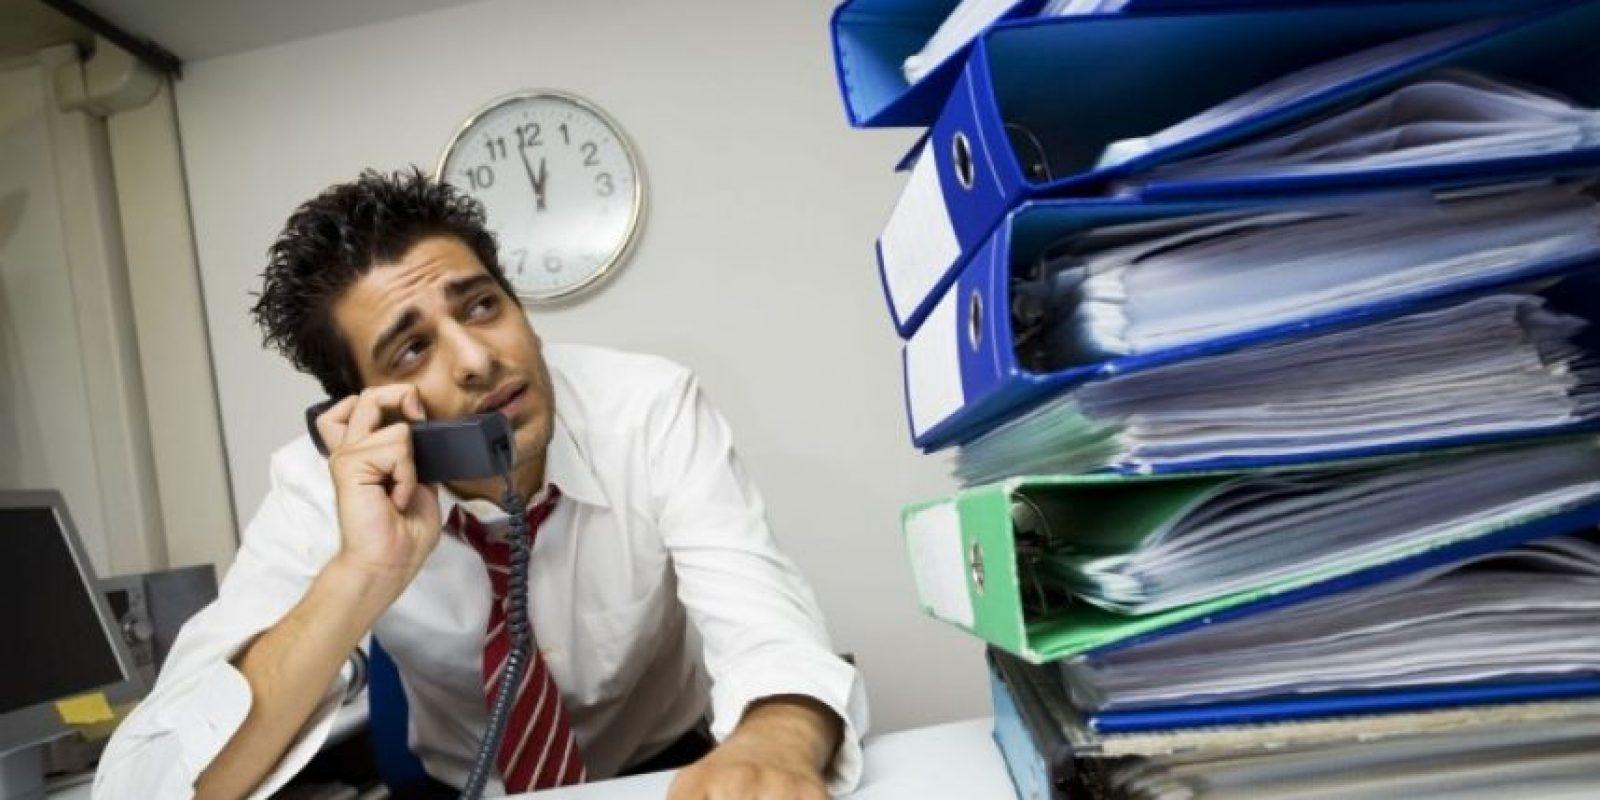 El 90% de los empleados considera que el trabajo que realiza es indispensable para la empresa, pero señala que ello no es reconocido. Foto:Especial